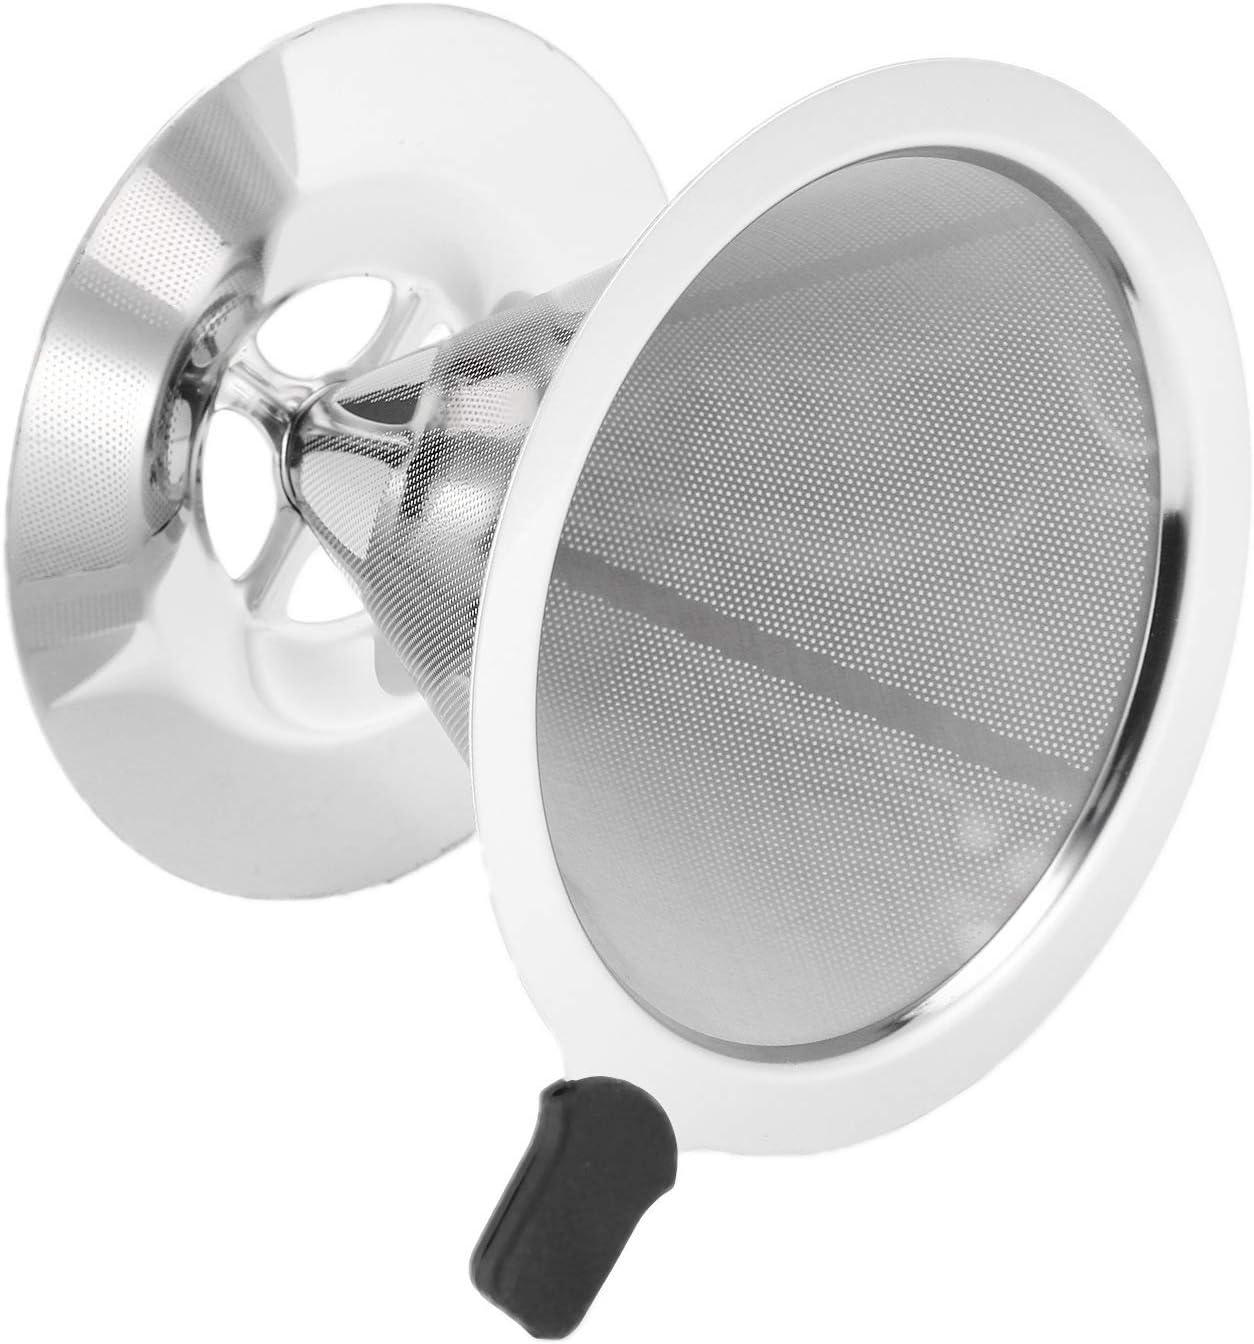 Moligh doll Porte-Filtre /à Caf/é R/éUtilisable Filtres /à Caf/é Filtre /à Caf/é en Acier Inoxydable pour Entonnoir Entonnoir Maille en M/éTal Caf/é Filtre Filtre Outils